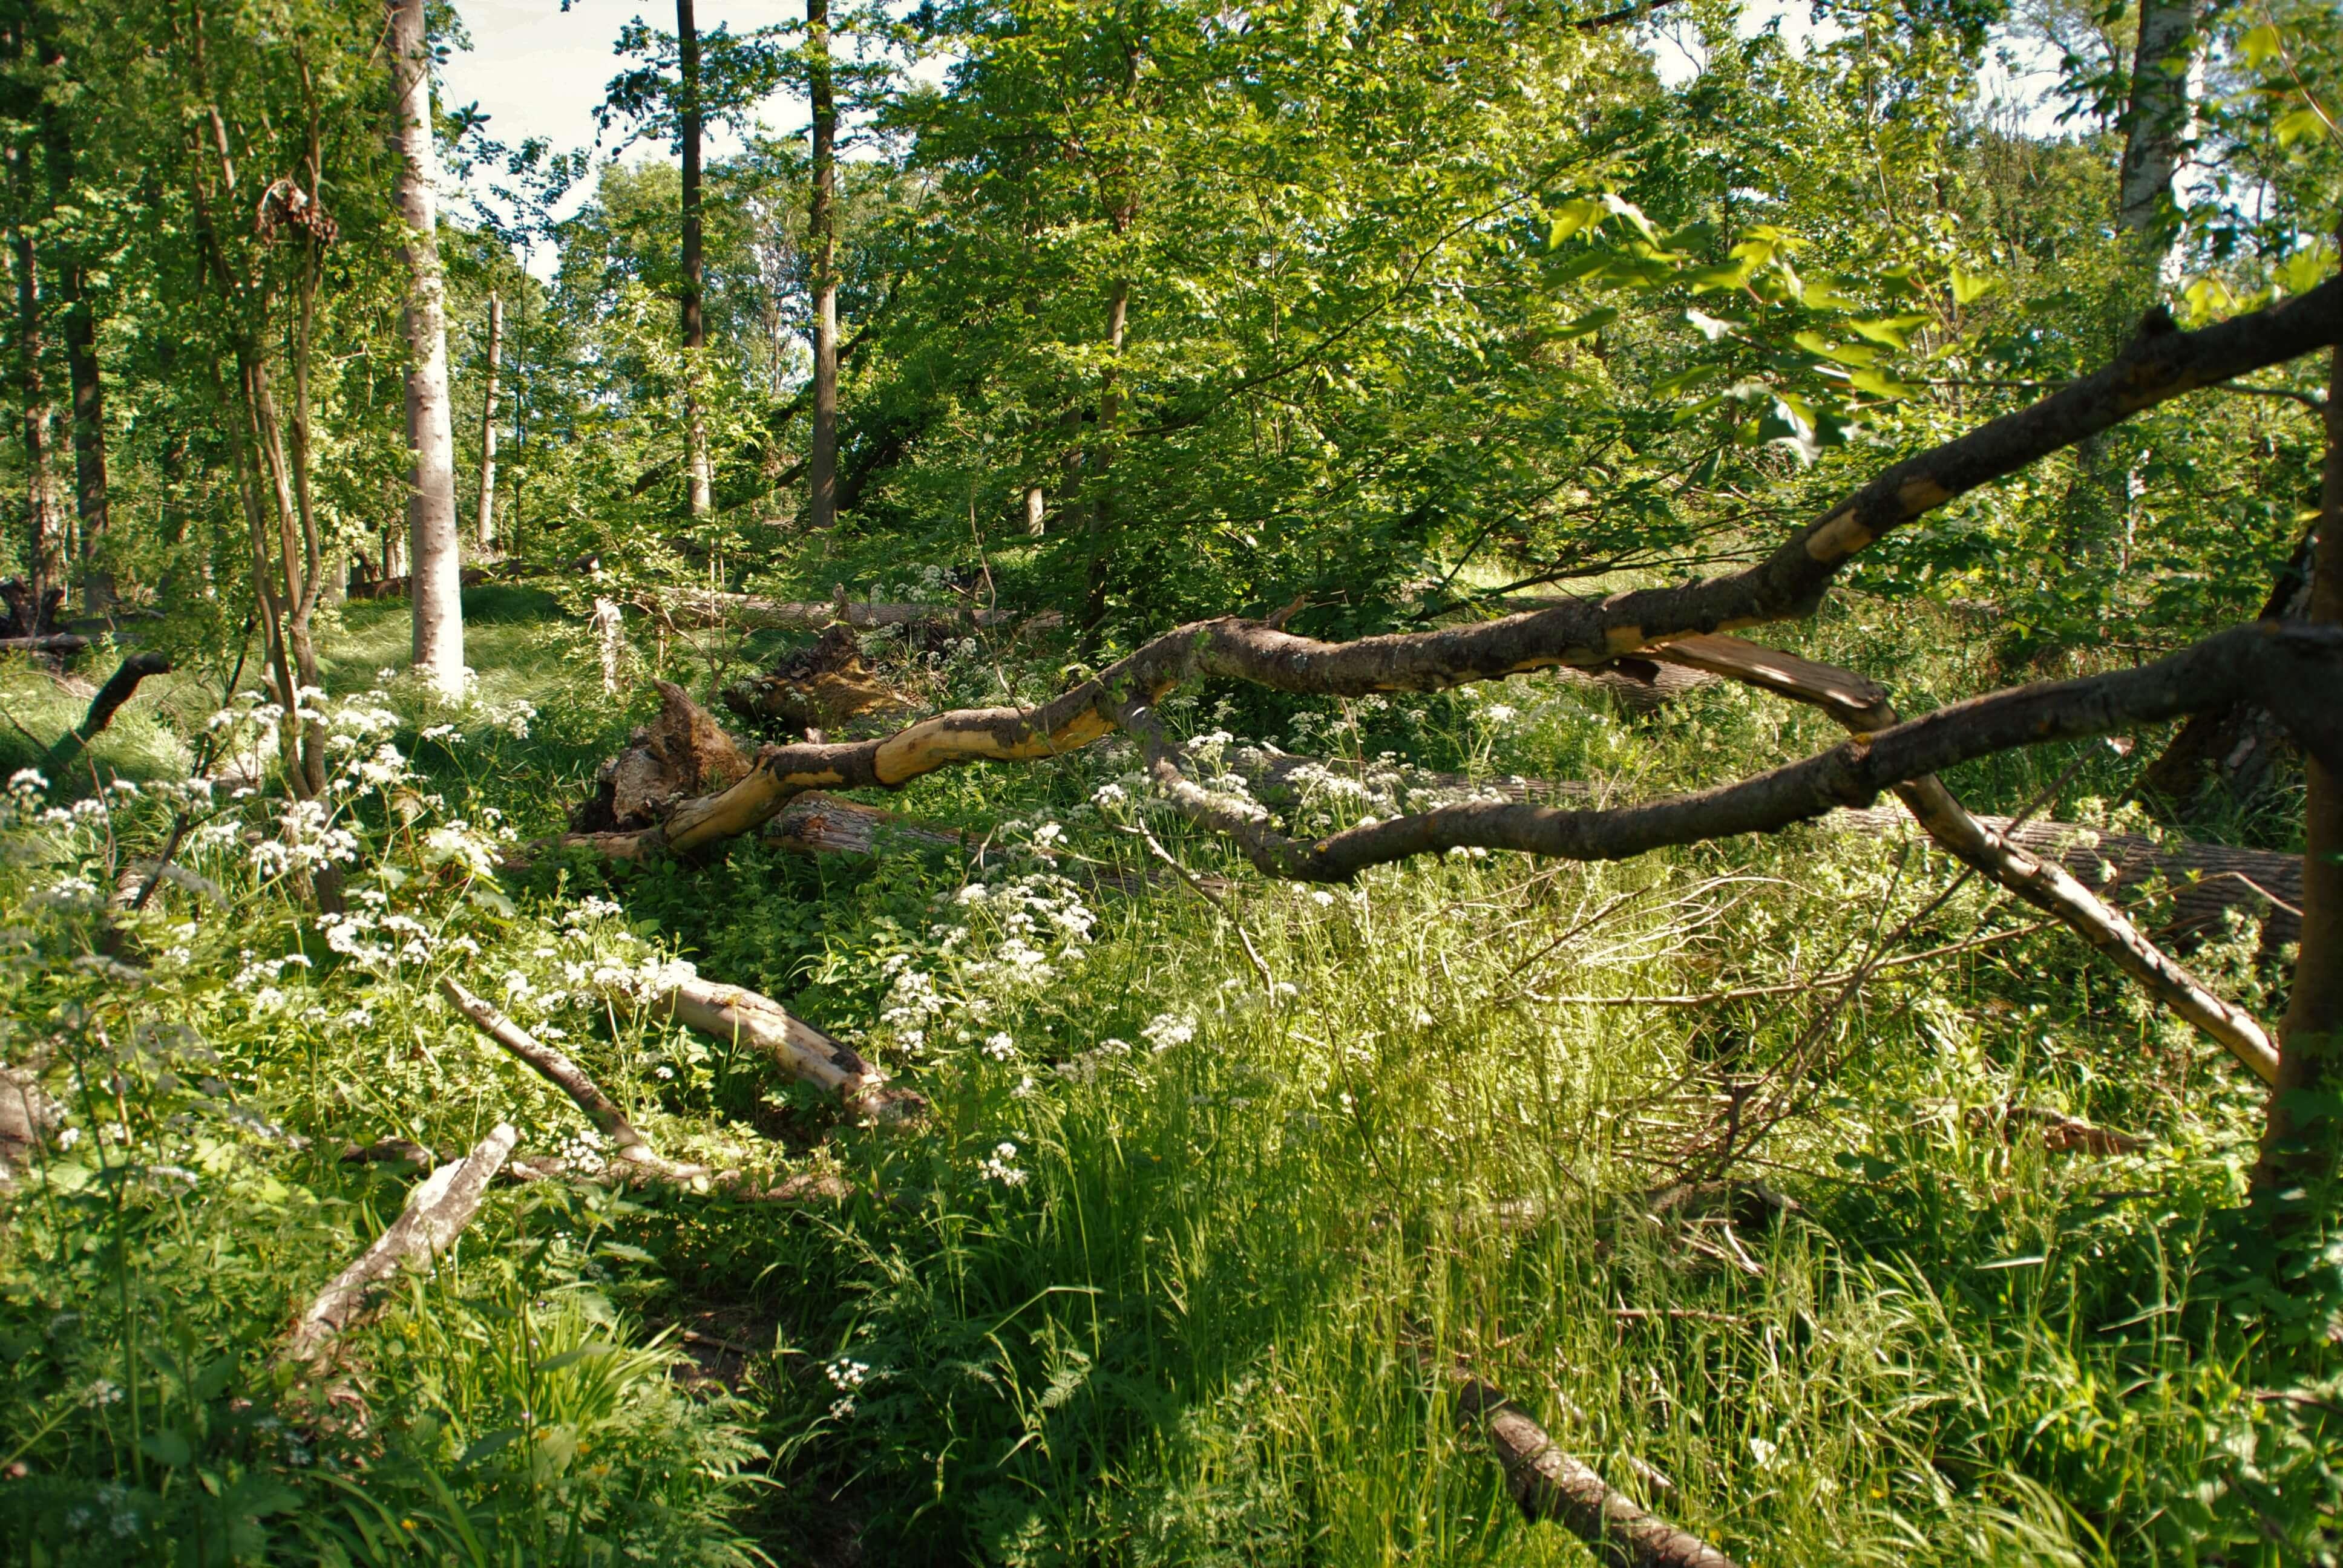 Nationalpark Unteres Odertal - Weg der Auenblicke